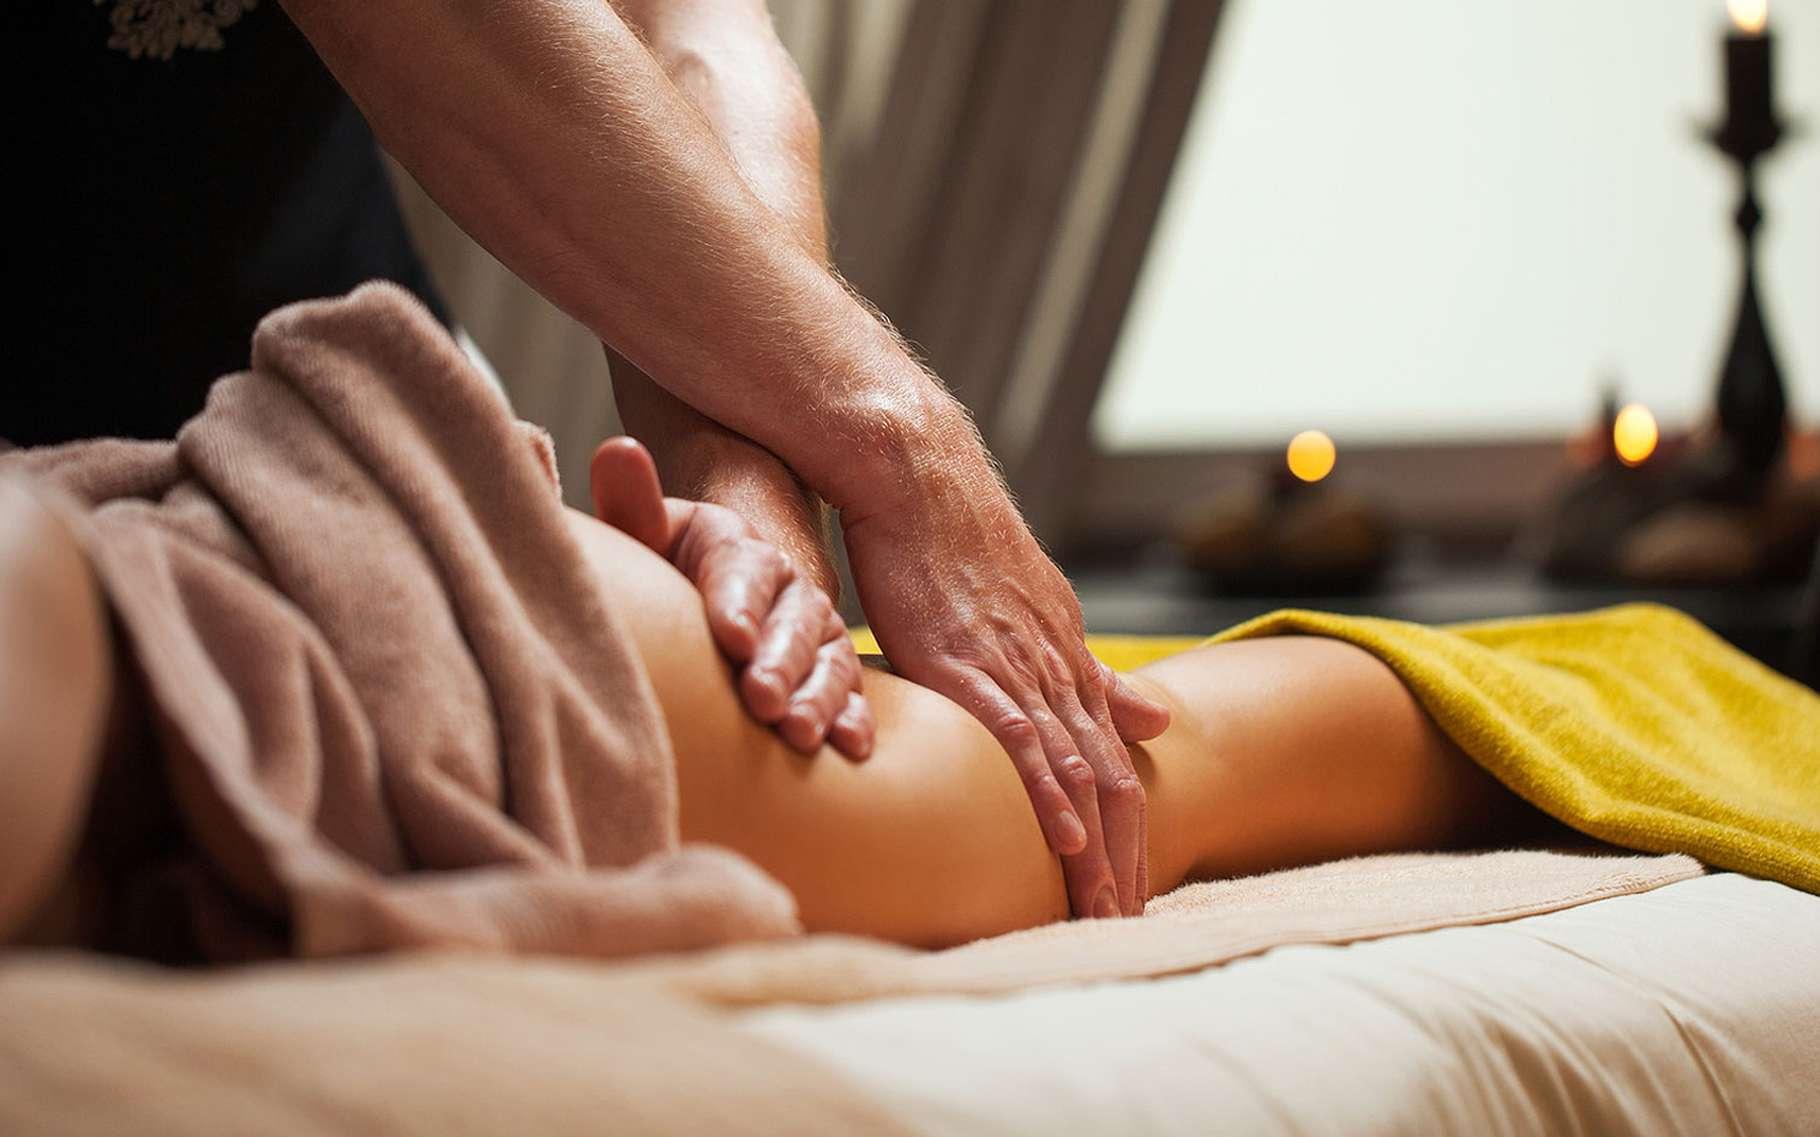 Traitement de la cellulite par des massages. © Yeko Photo Studio, Fotolia